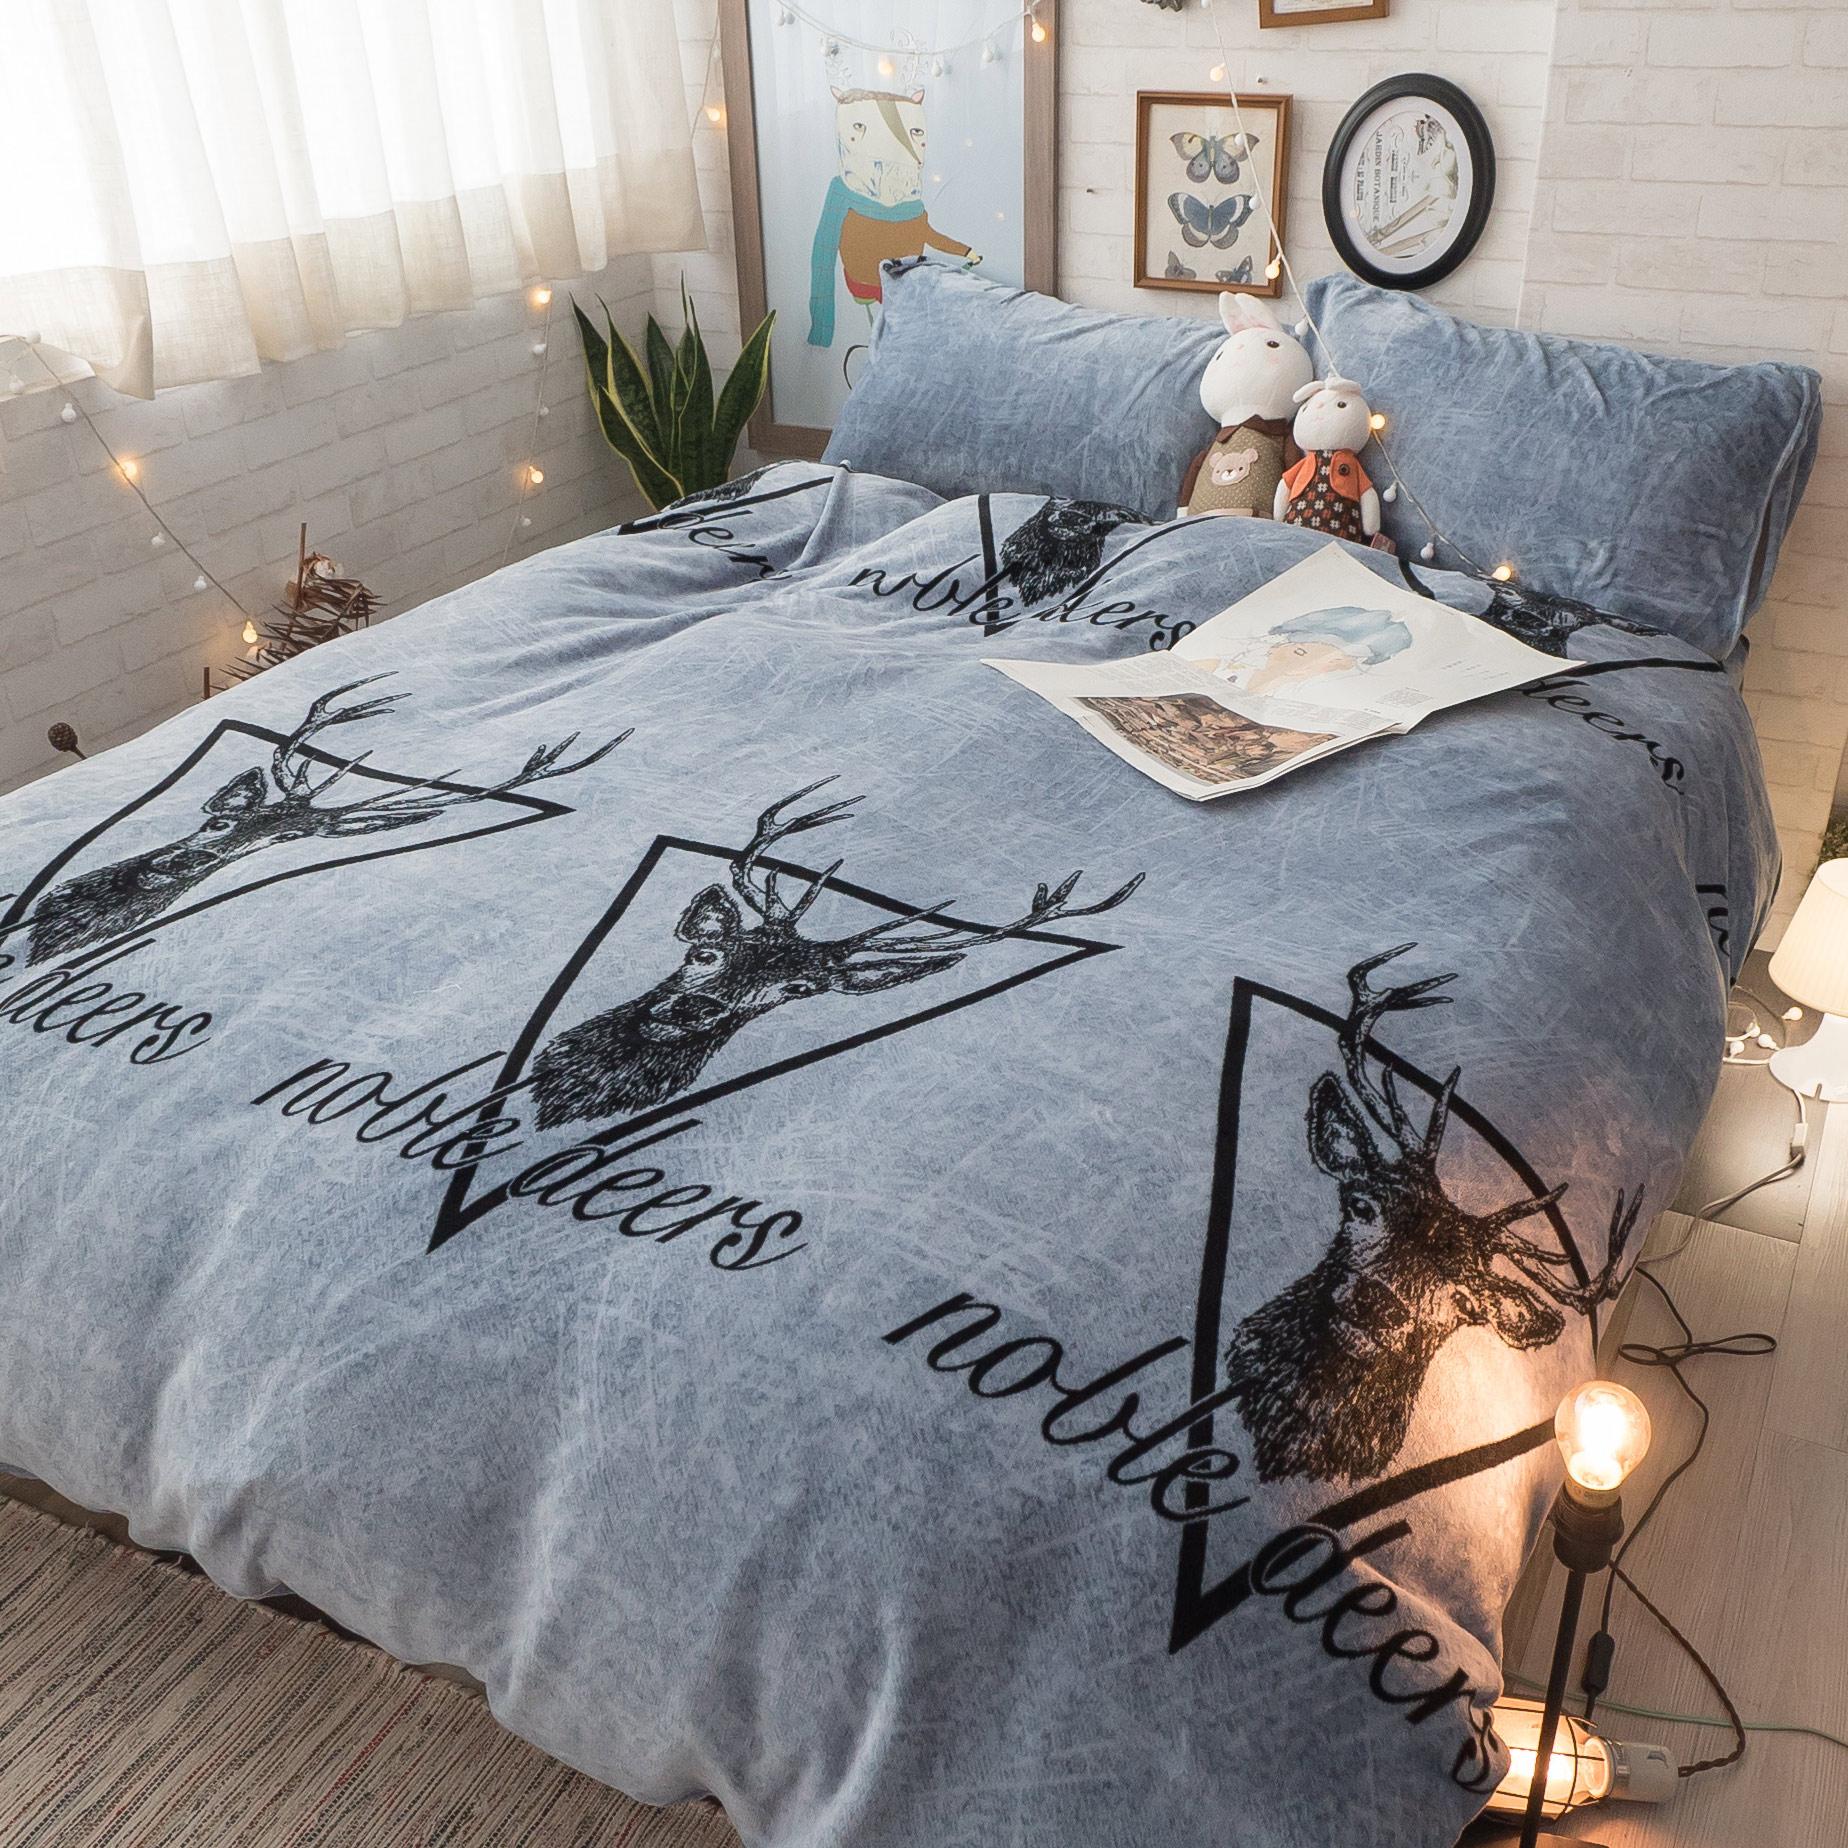 尋之麋鹿 法蘭絨床包兩用毯組(文藝系) 雙人/加大可選 溫暖舒適 【棉床本舖】